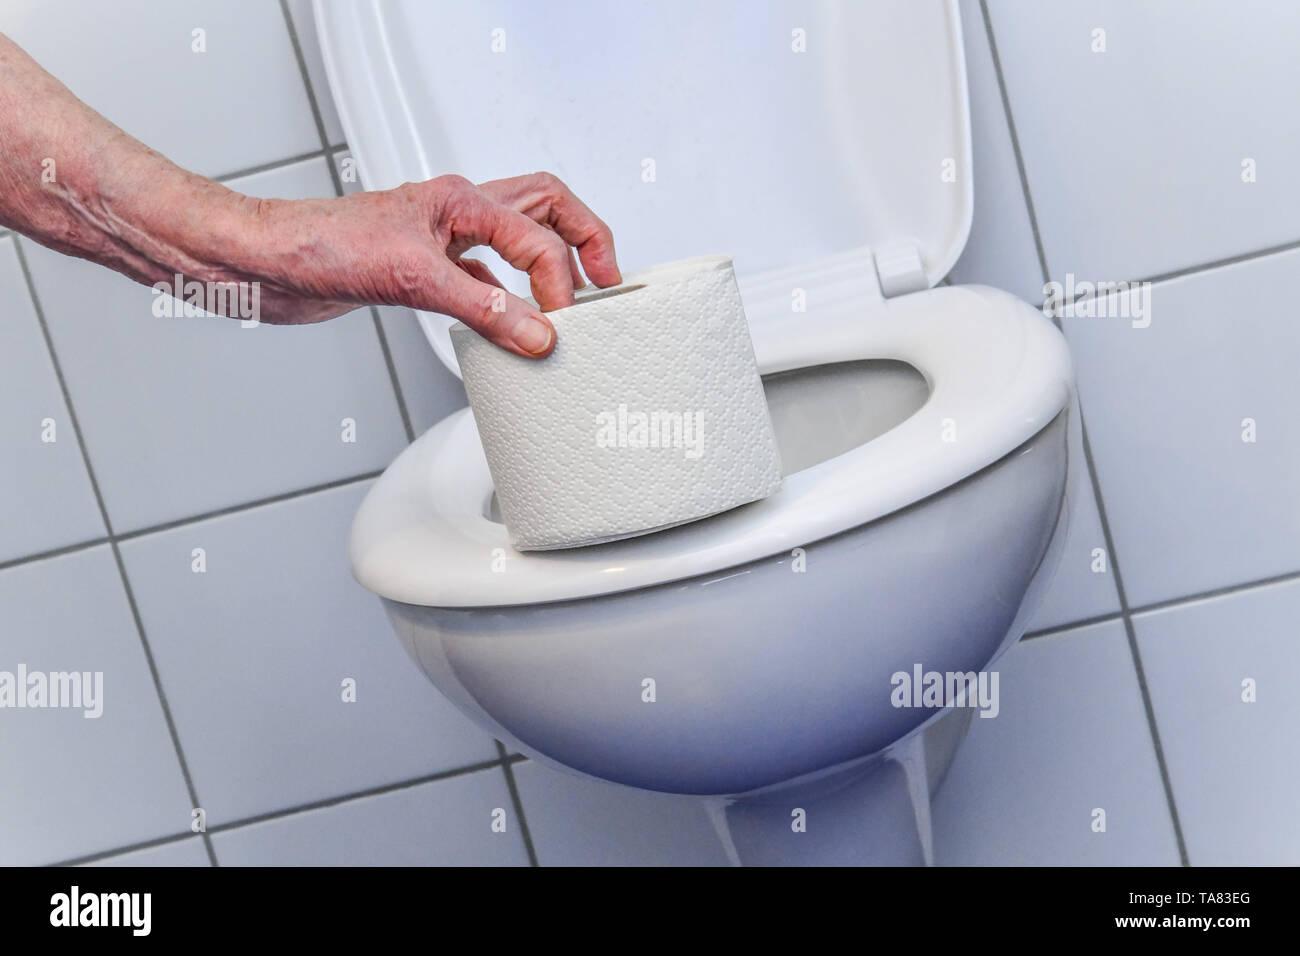 Loo paper, toilet, Klopapier, Toilette Stock Photo